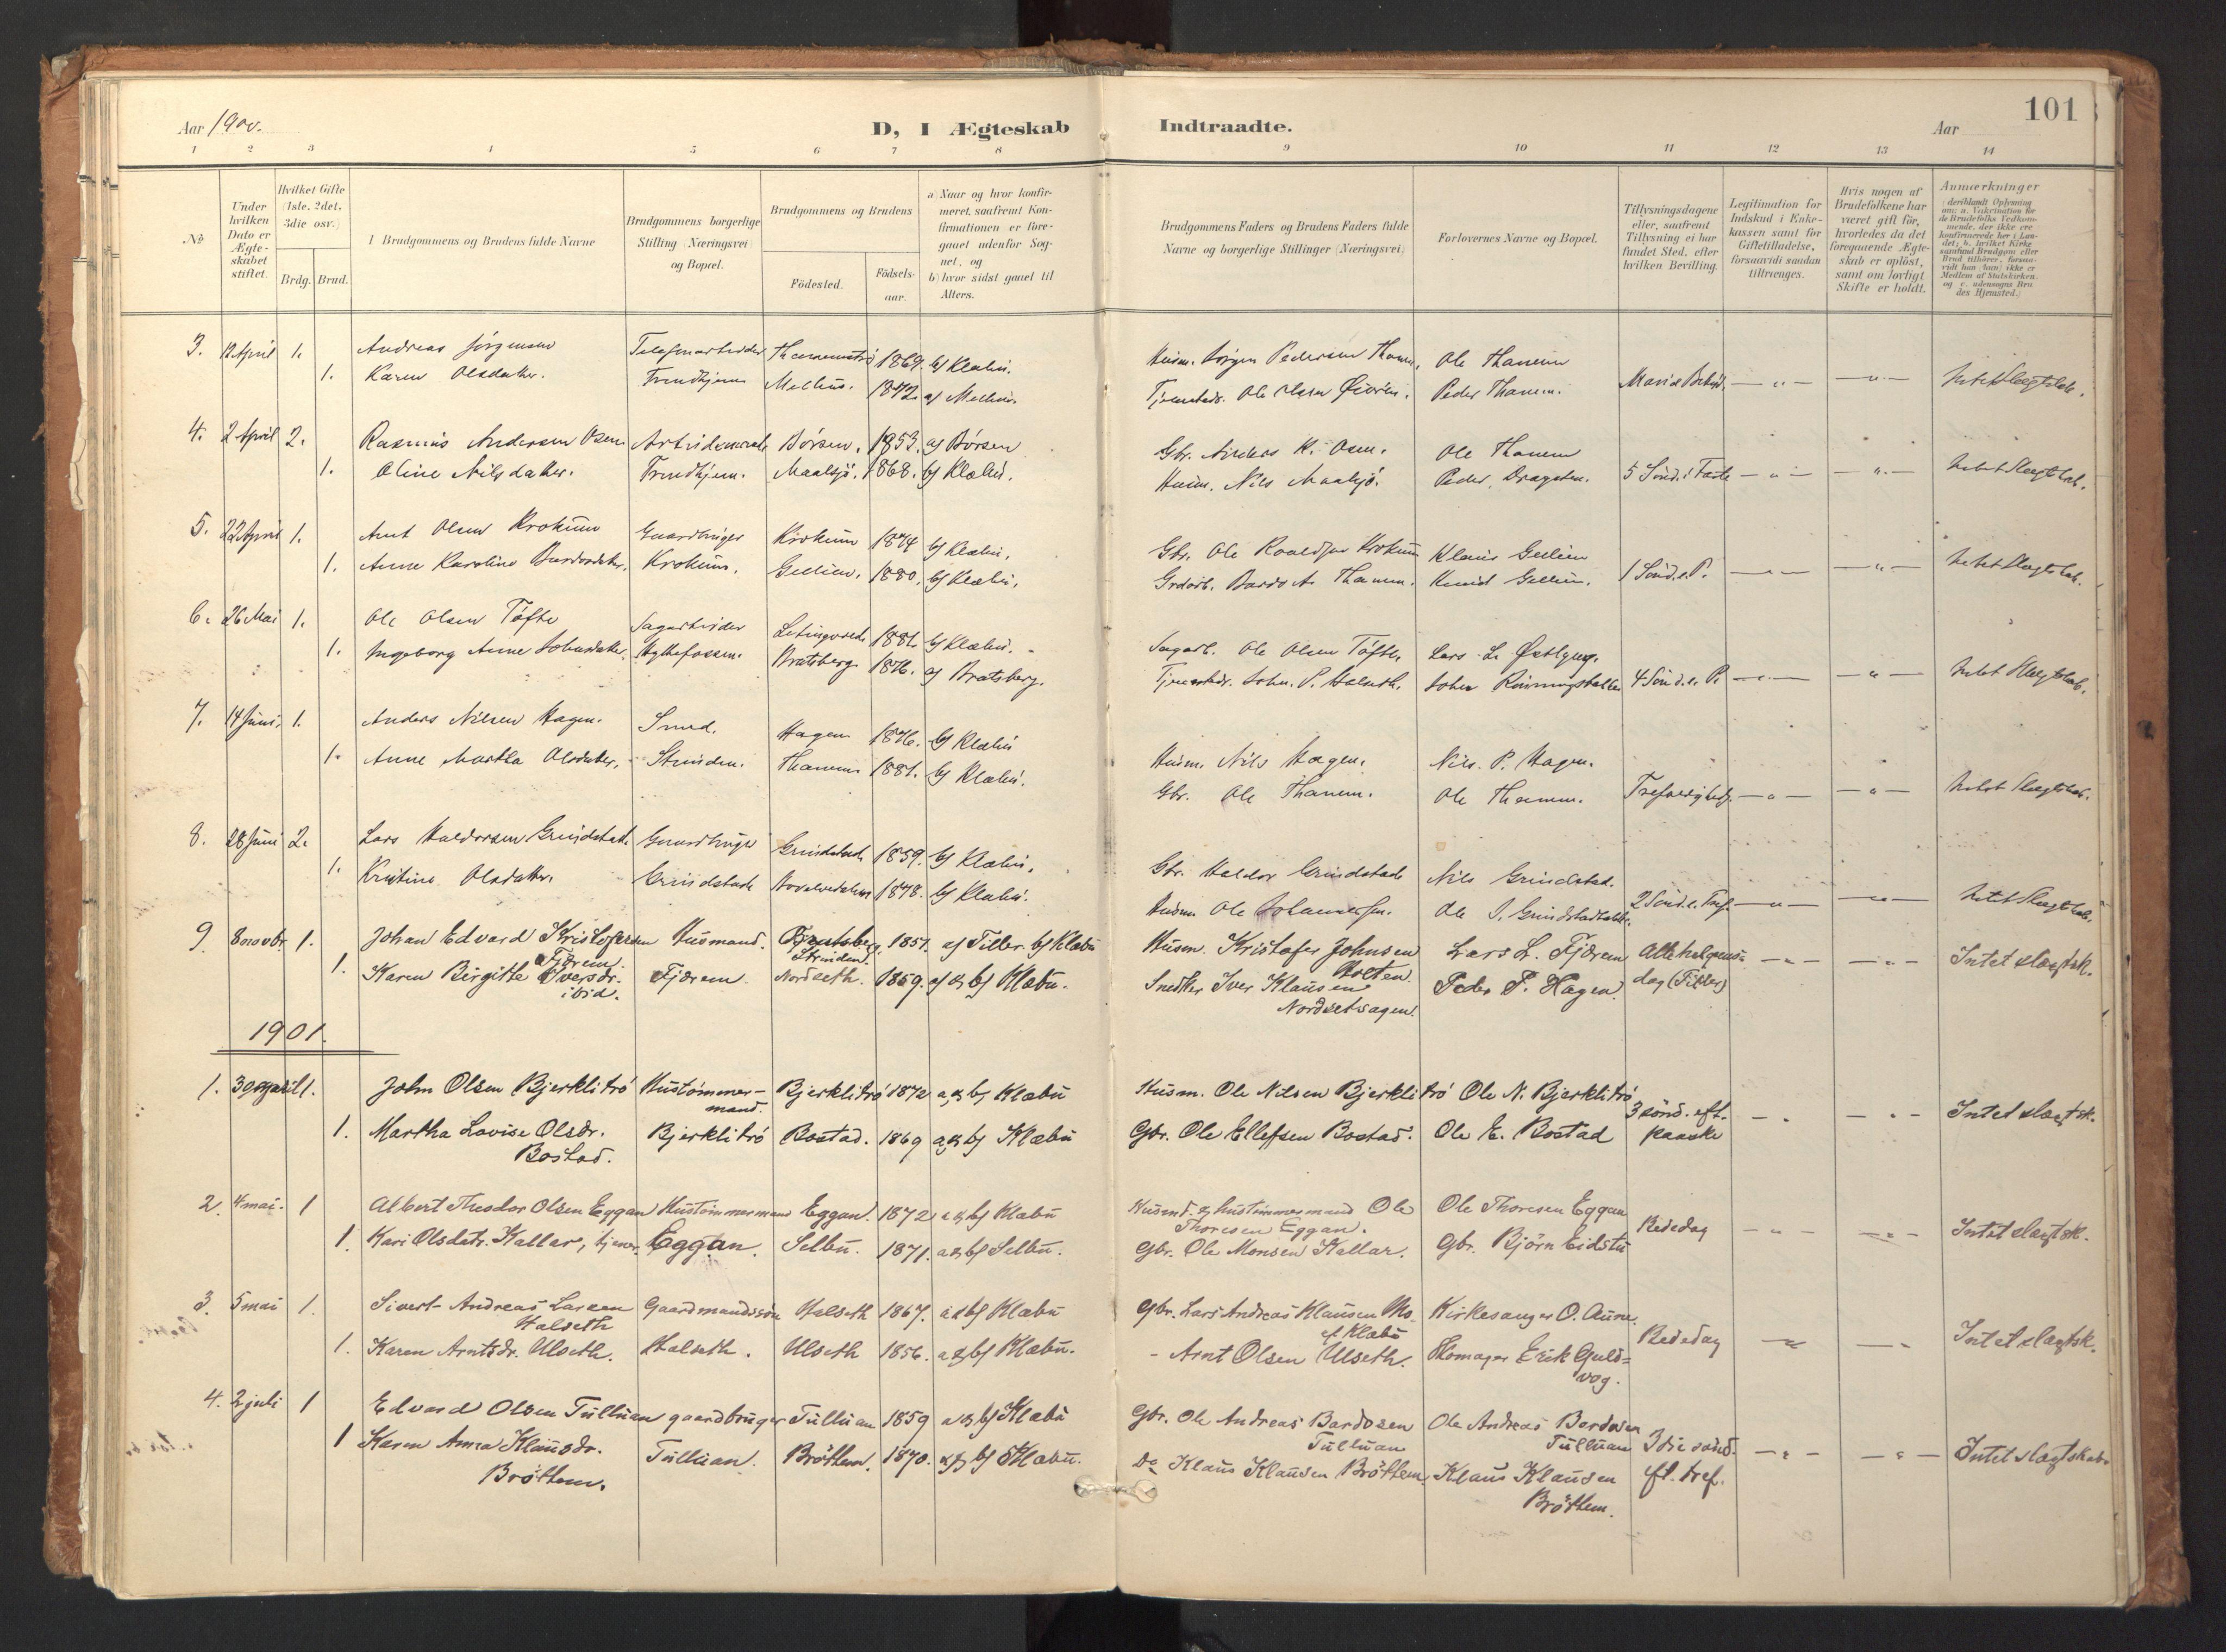 SAT, Ministerialprotokoller, klokkerbøker og fødselsregistre - Sør-Trøndelag, 618/L0448: Ministerialbok nr. 618A11, 1898-1916, s. 101